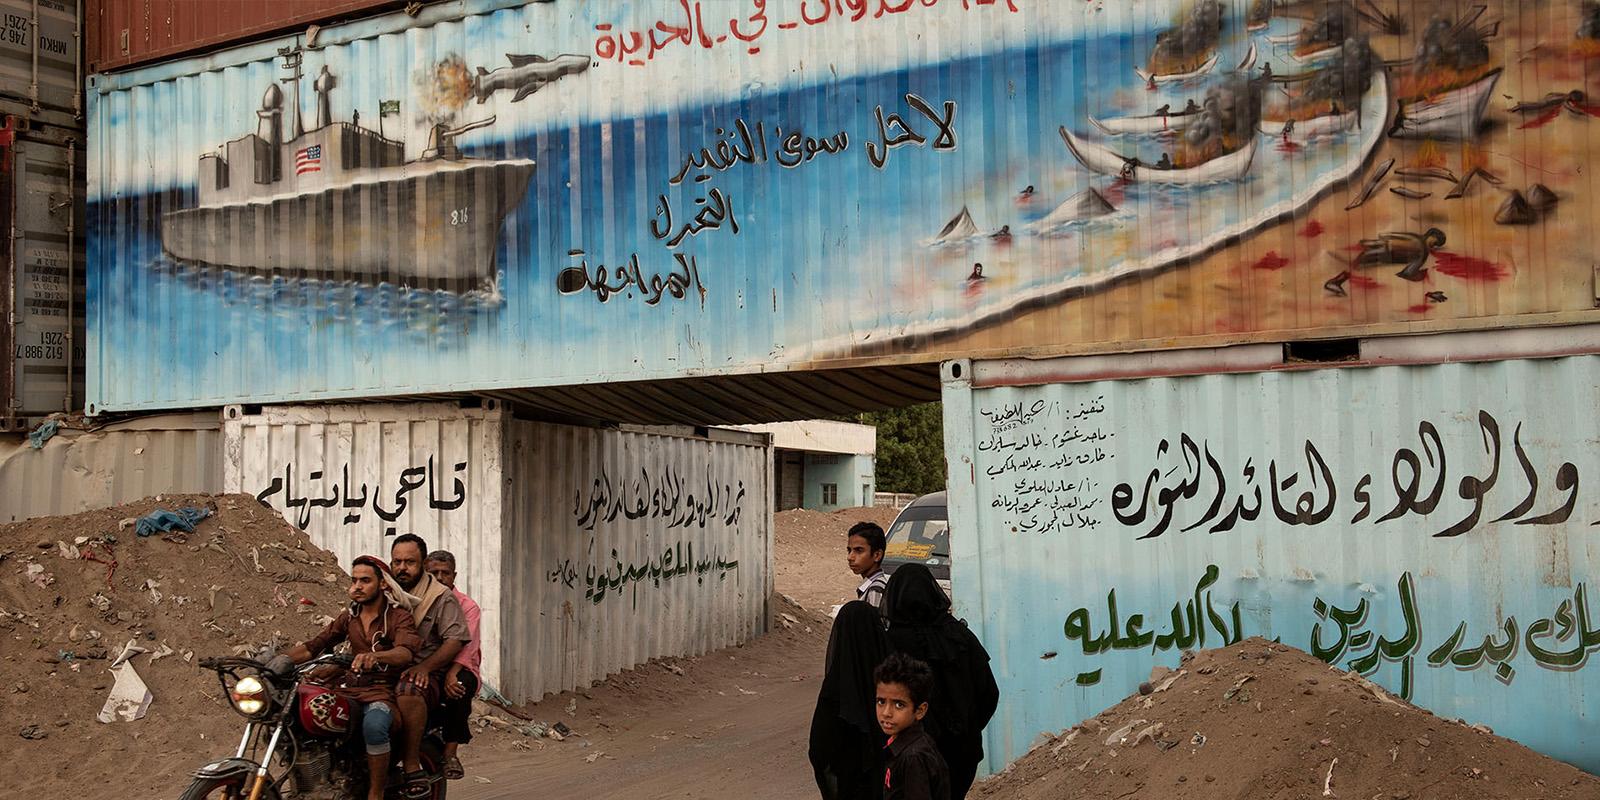 وضع لا يُطاق... حرب اليمن تدمّر الاقتصاد وتنهك المواطنين